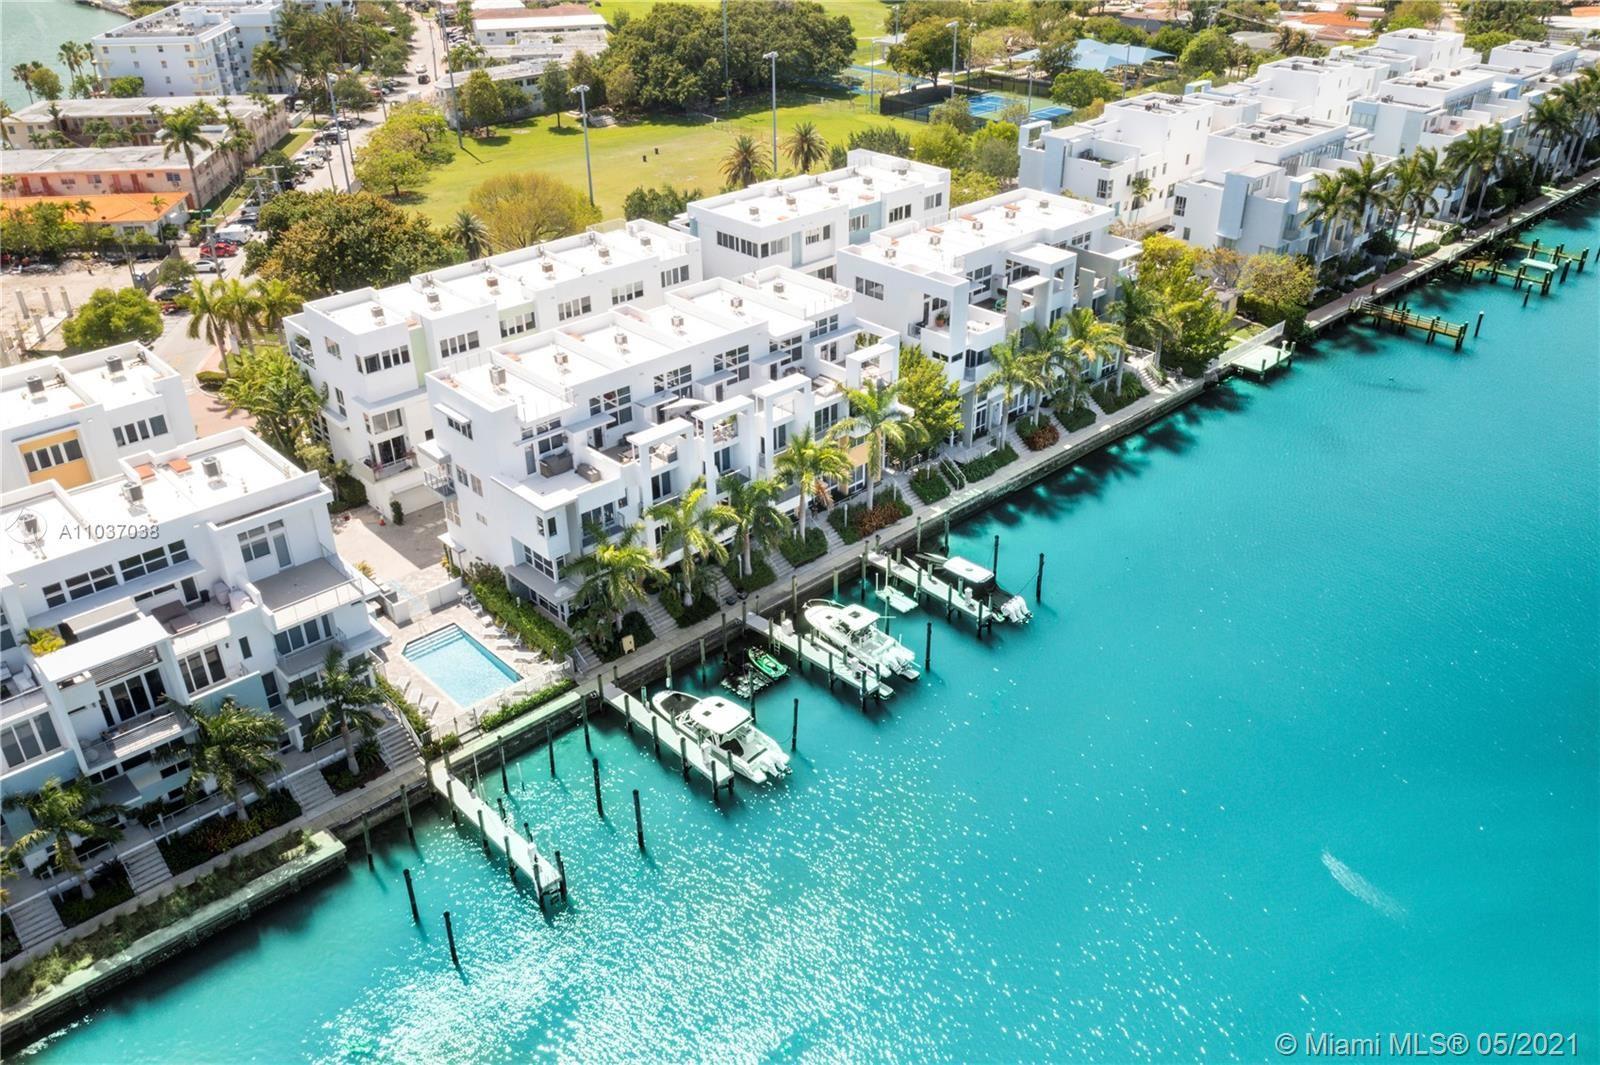 97 N Shore Dr, Miami Beach, FL 33141 - #: A11037038